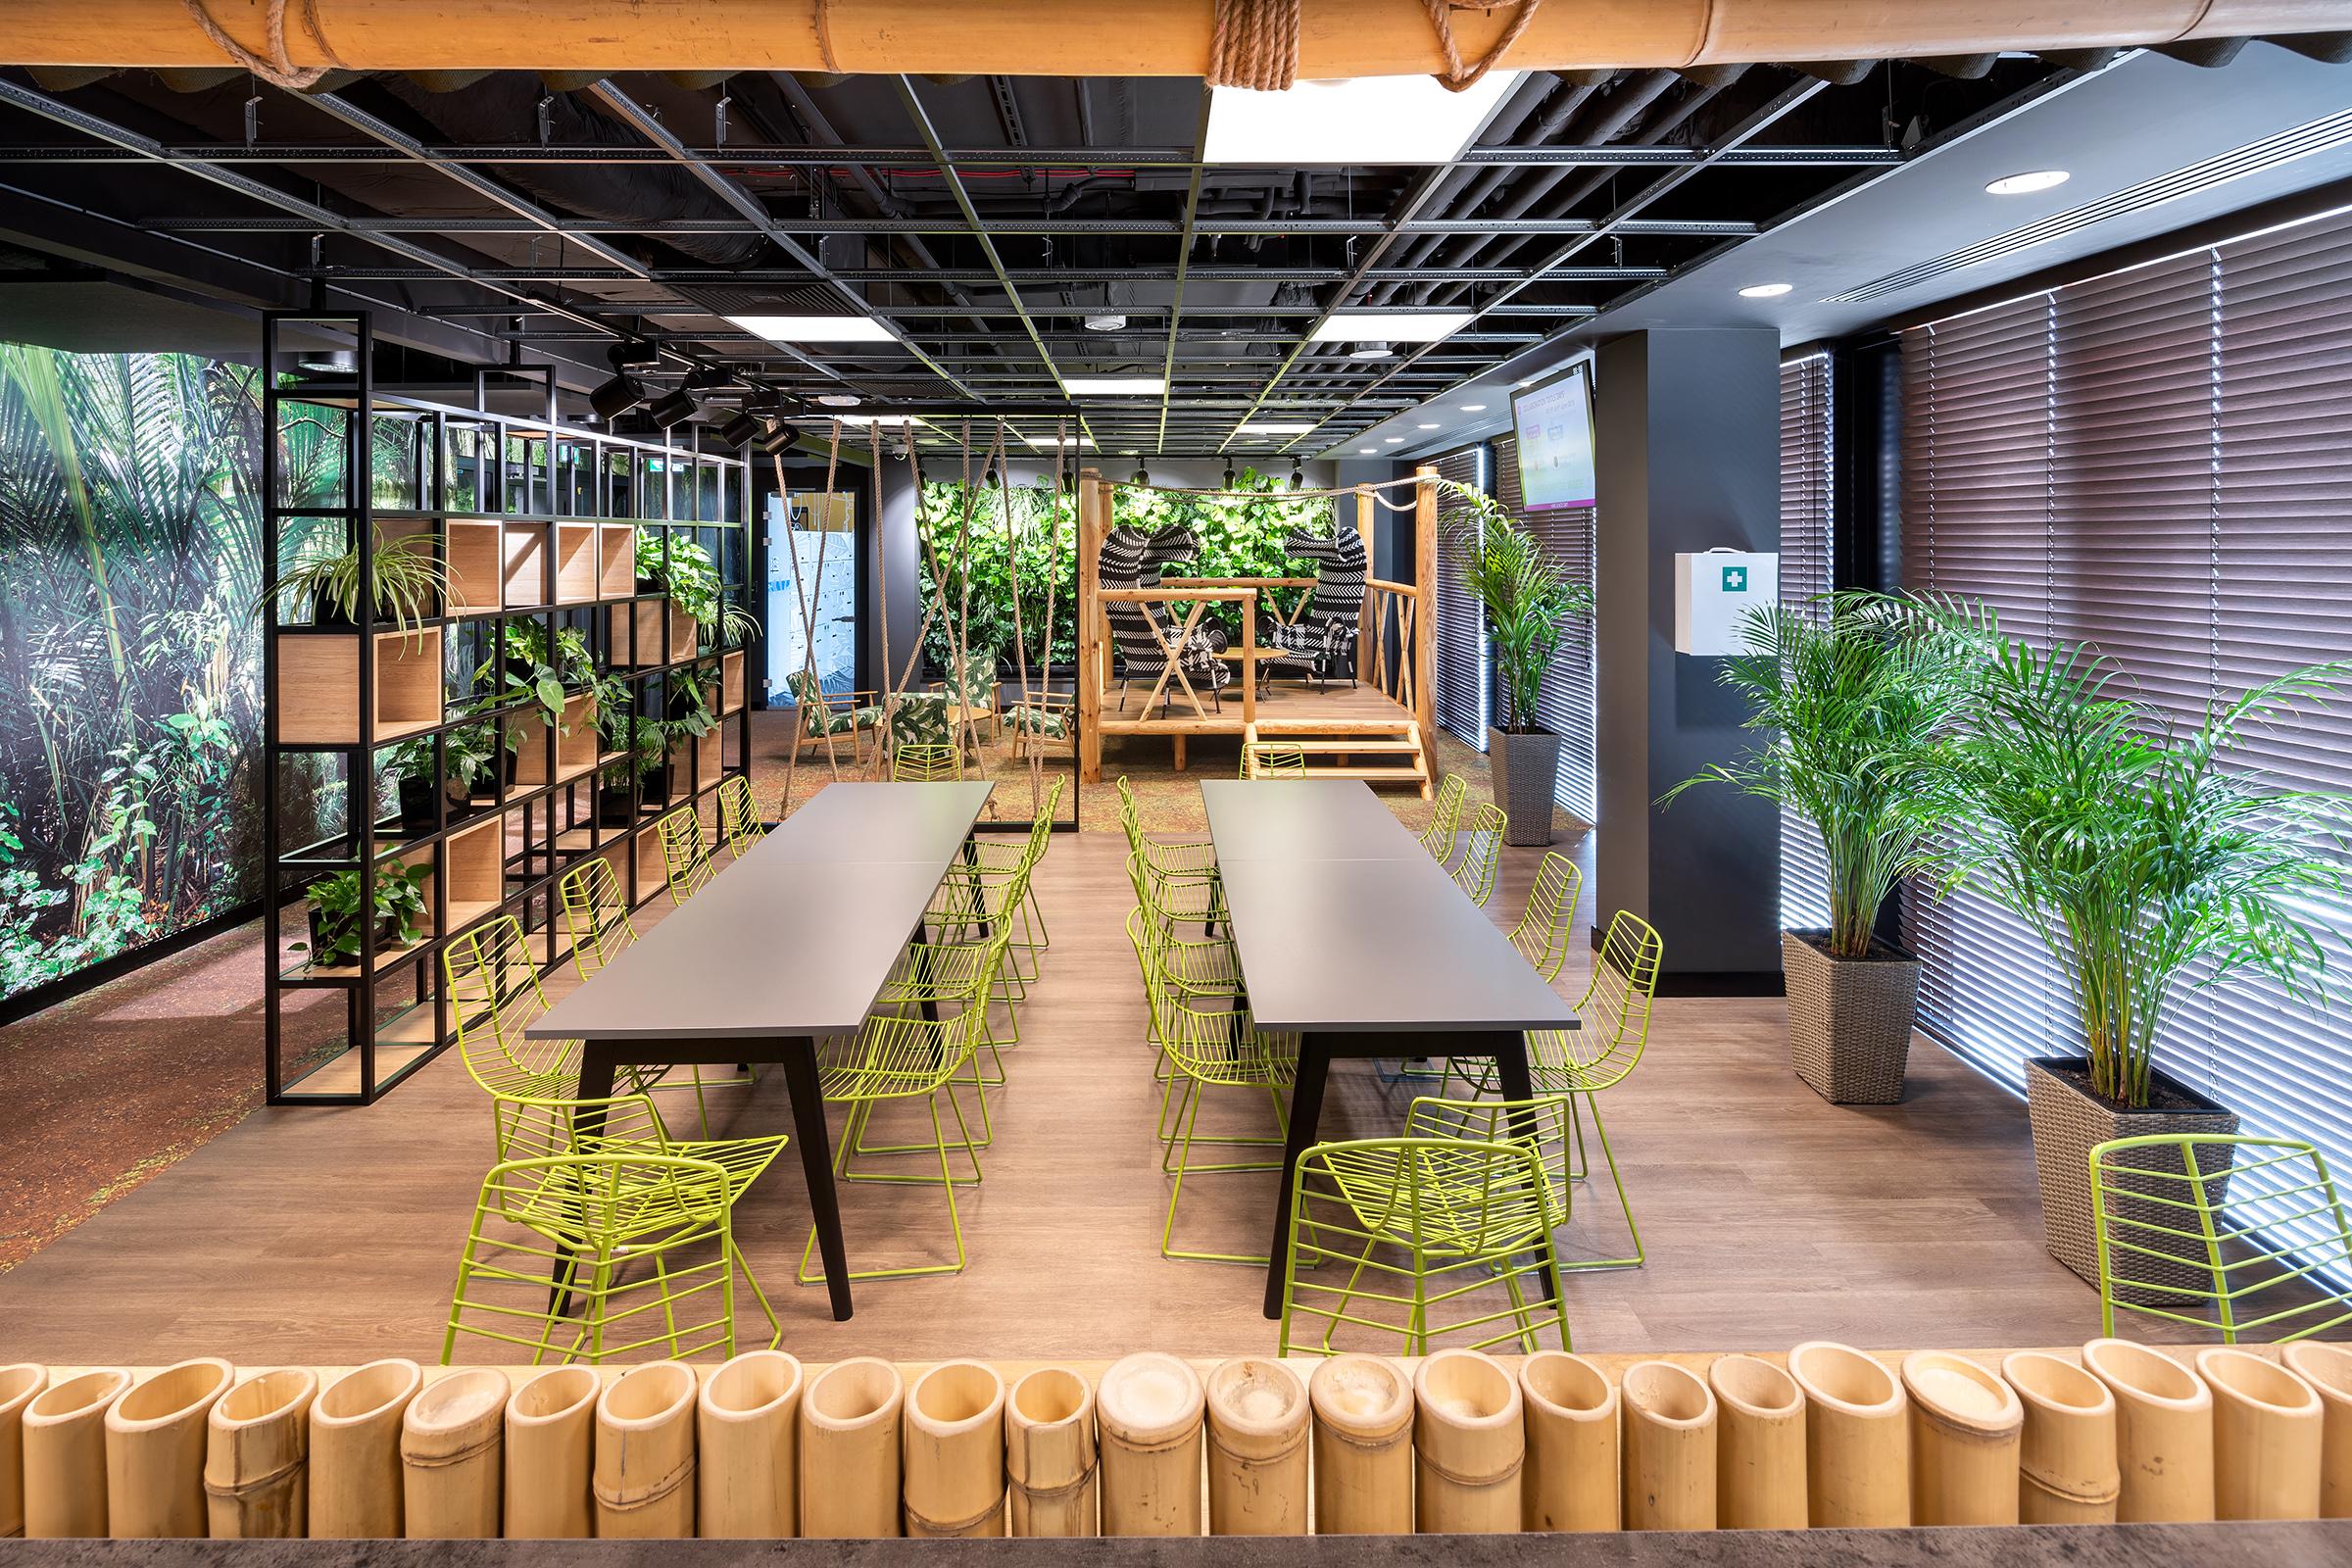 Najlepsze biura w Polsce Konkurs astrazeneca przestrzen socjalna 1